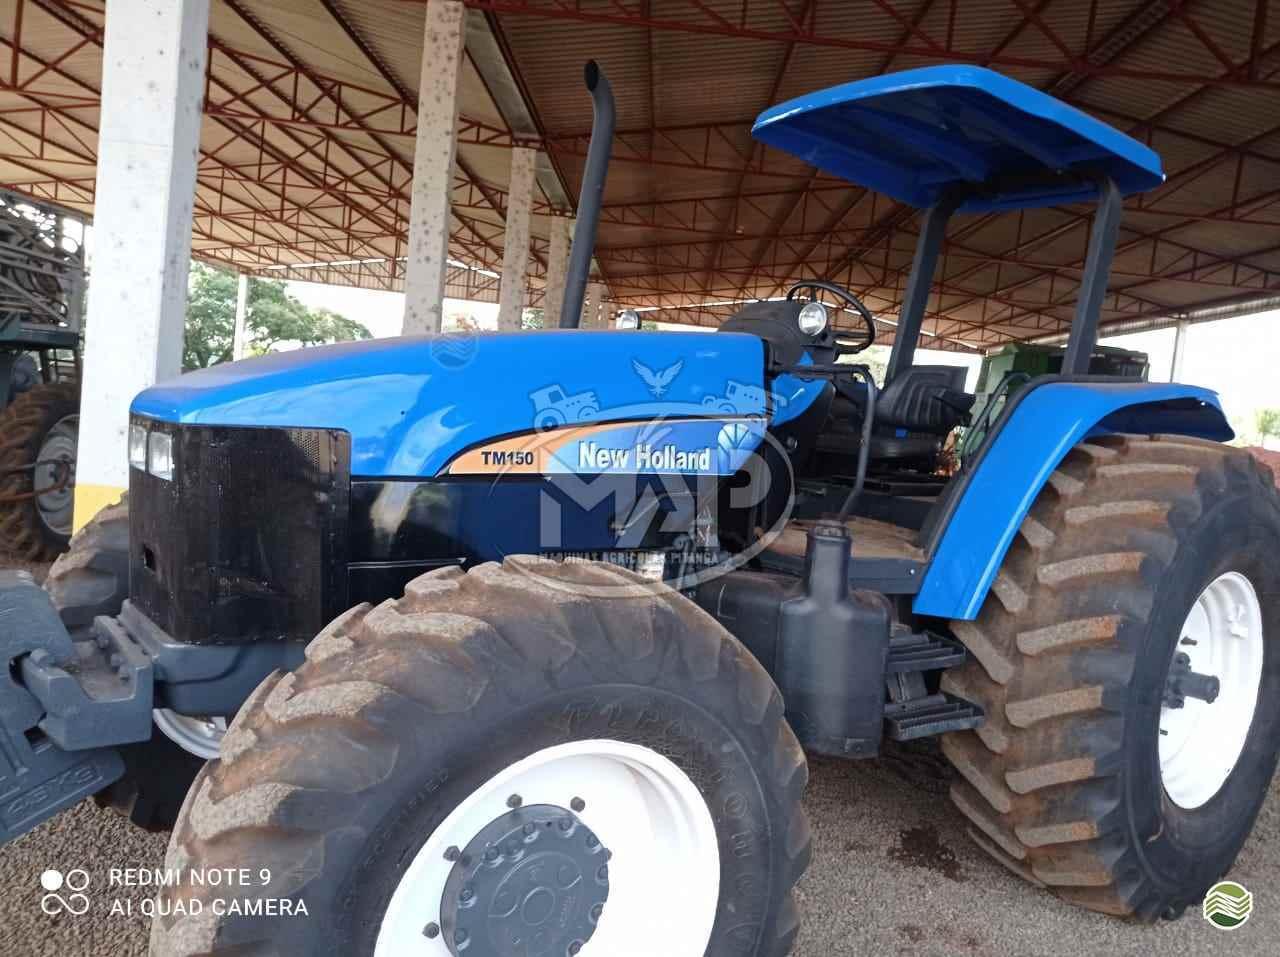 TRATOR NEW HOLLAND NEW TM 150 Tração 4x4 Máquinas Agrícolas Pitanga PITANGA PARANÁ PR